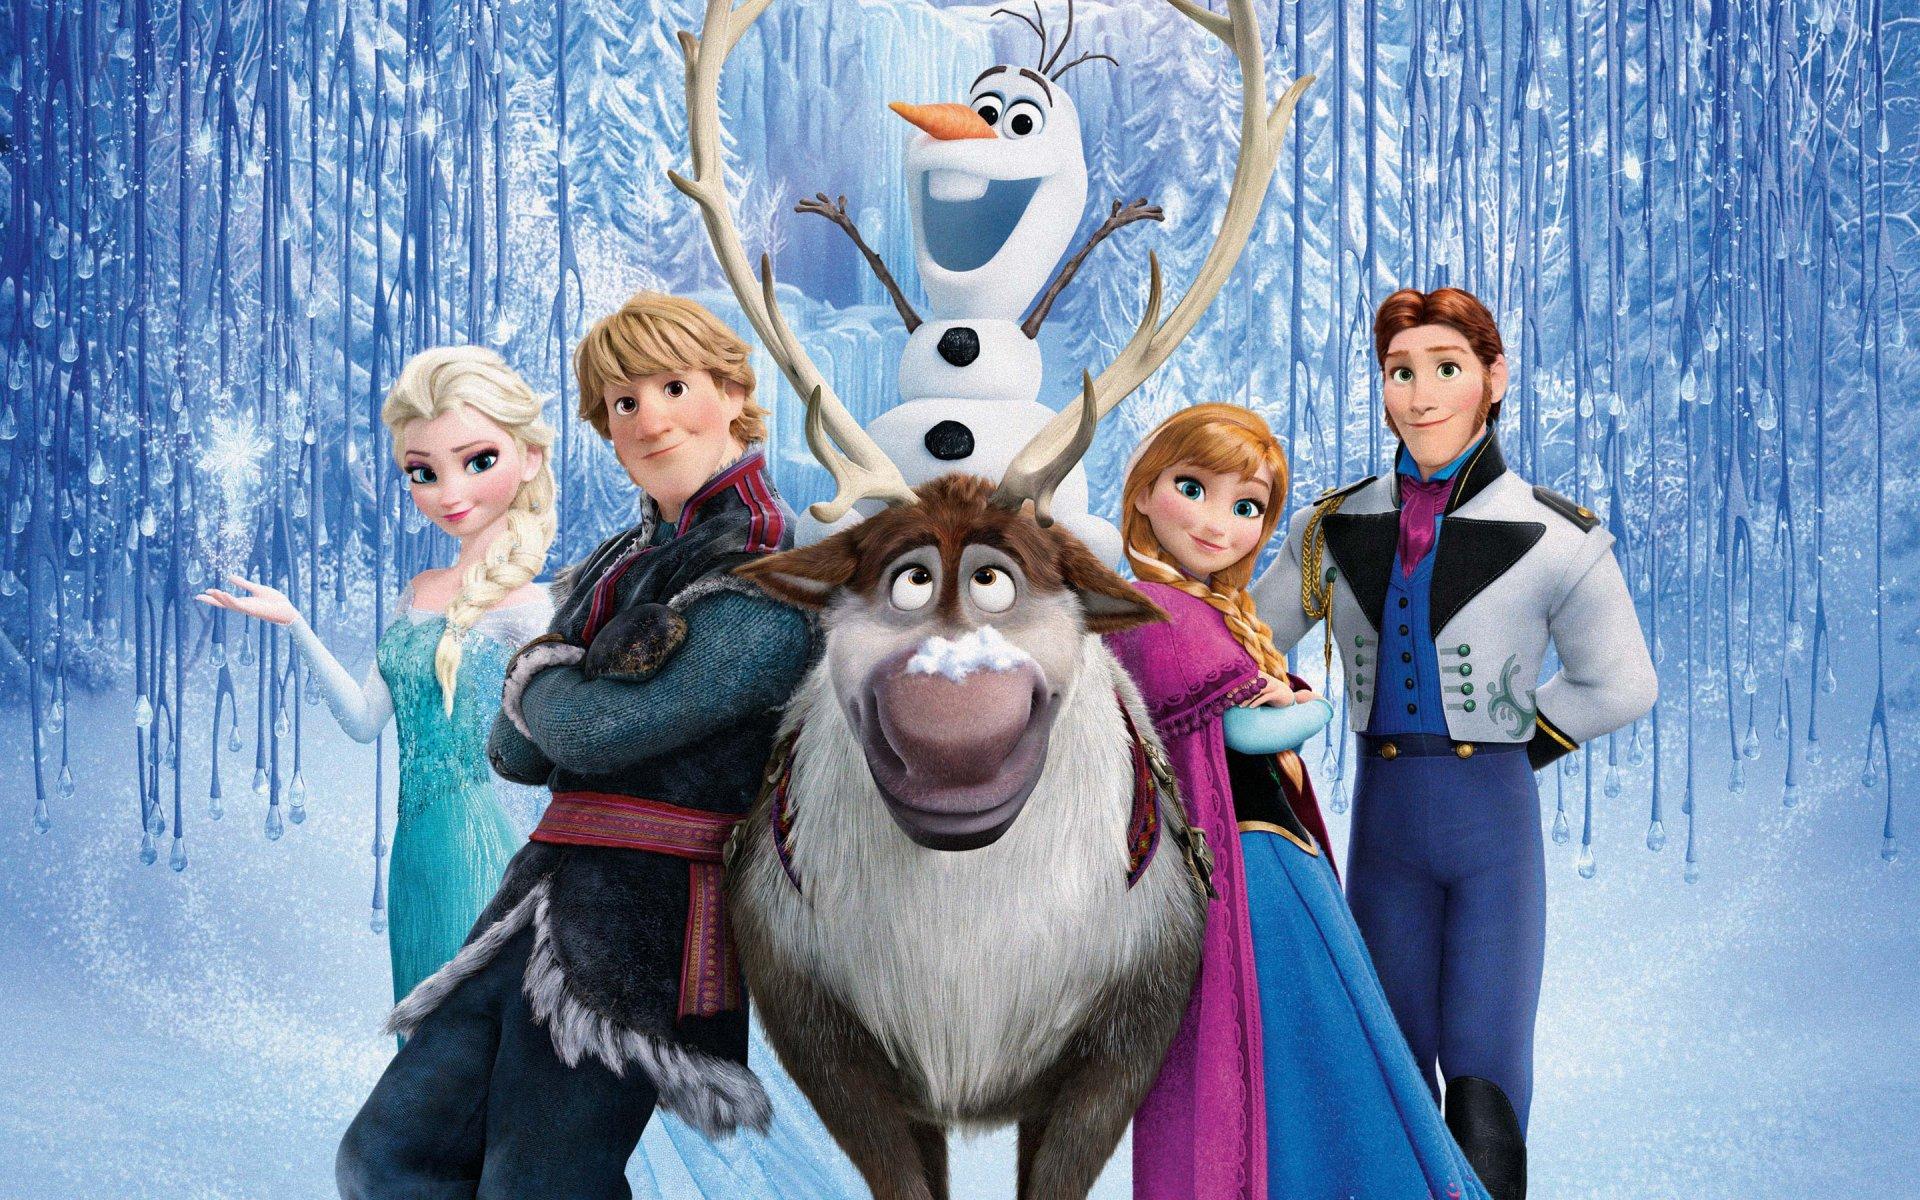 Movie - Frozen  Kristoff (Frozen) Sven (Frozen) Hans (Frozen) Olaf (Frozen) Elsa (Frozen) Anna (Frozen) Frozen (Movie) Arendelle Snow Wallpaper